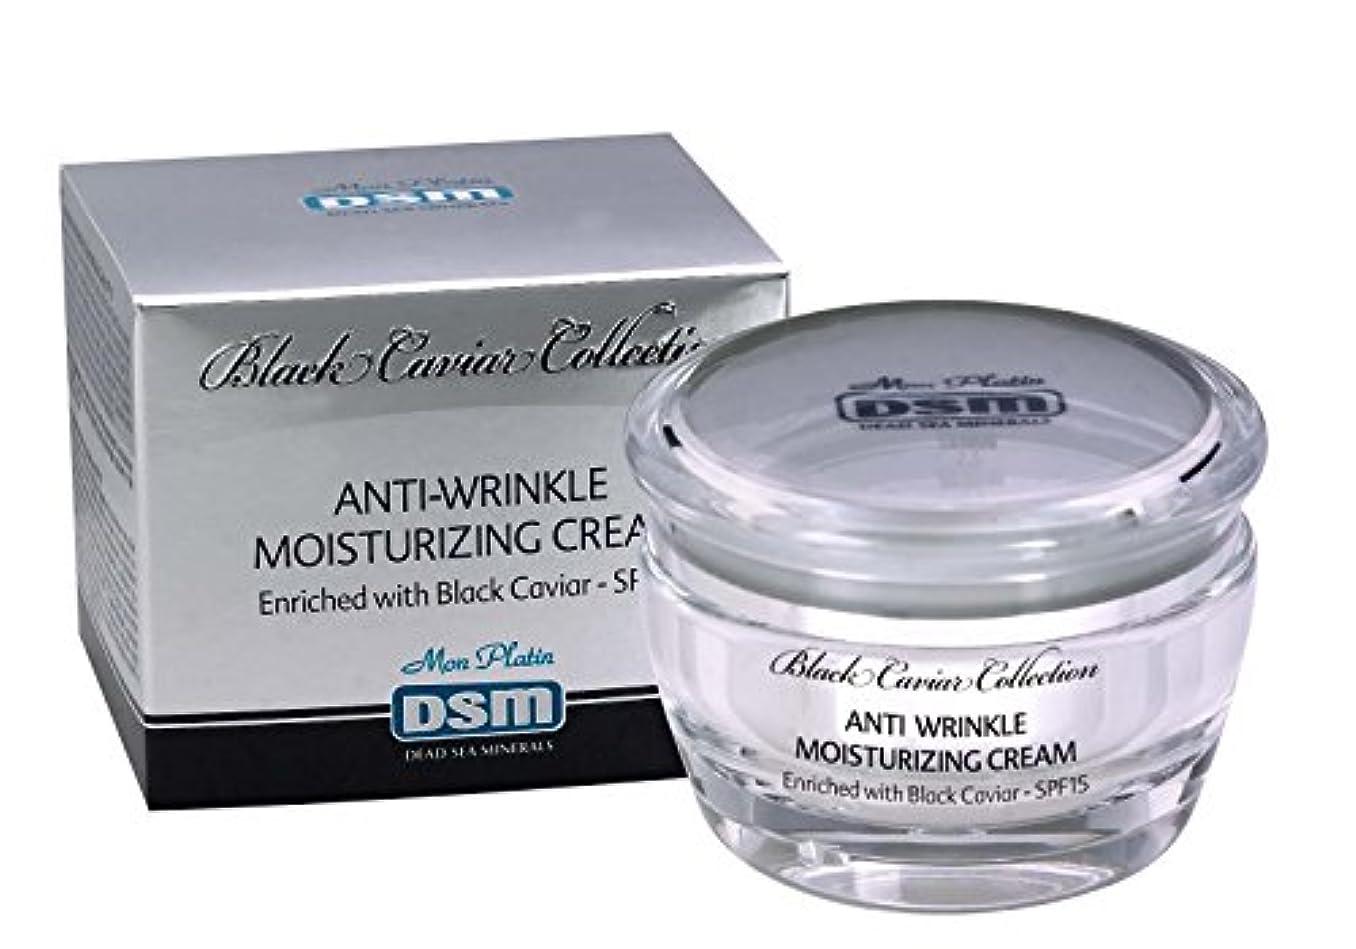 練るブースはい皺取りしっとり湿潤クリーム 黒キャビア SPF15 死海ミネラル50mL Mon Platin 全皮膚タイプ ミネラル お顔 (Anti-Wrinkle Moisturizing Cream with Black Caviar...